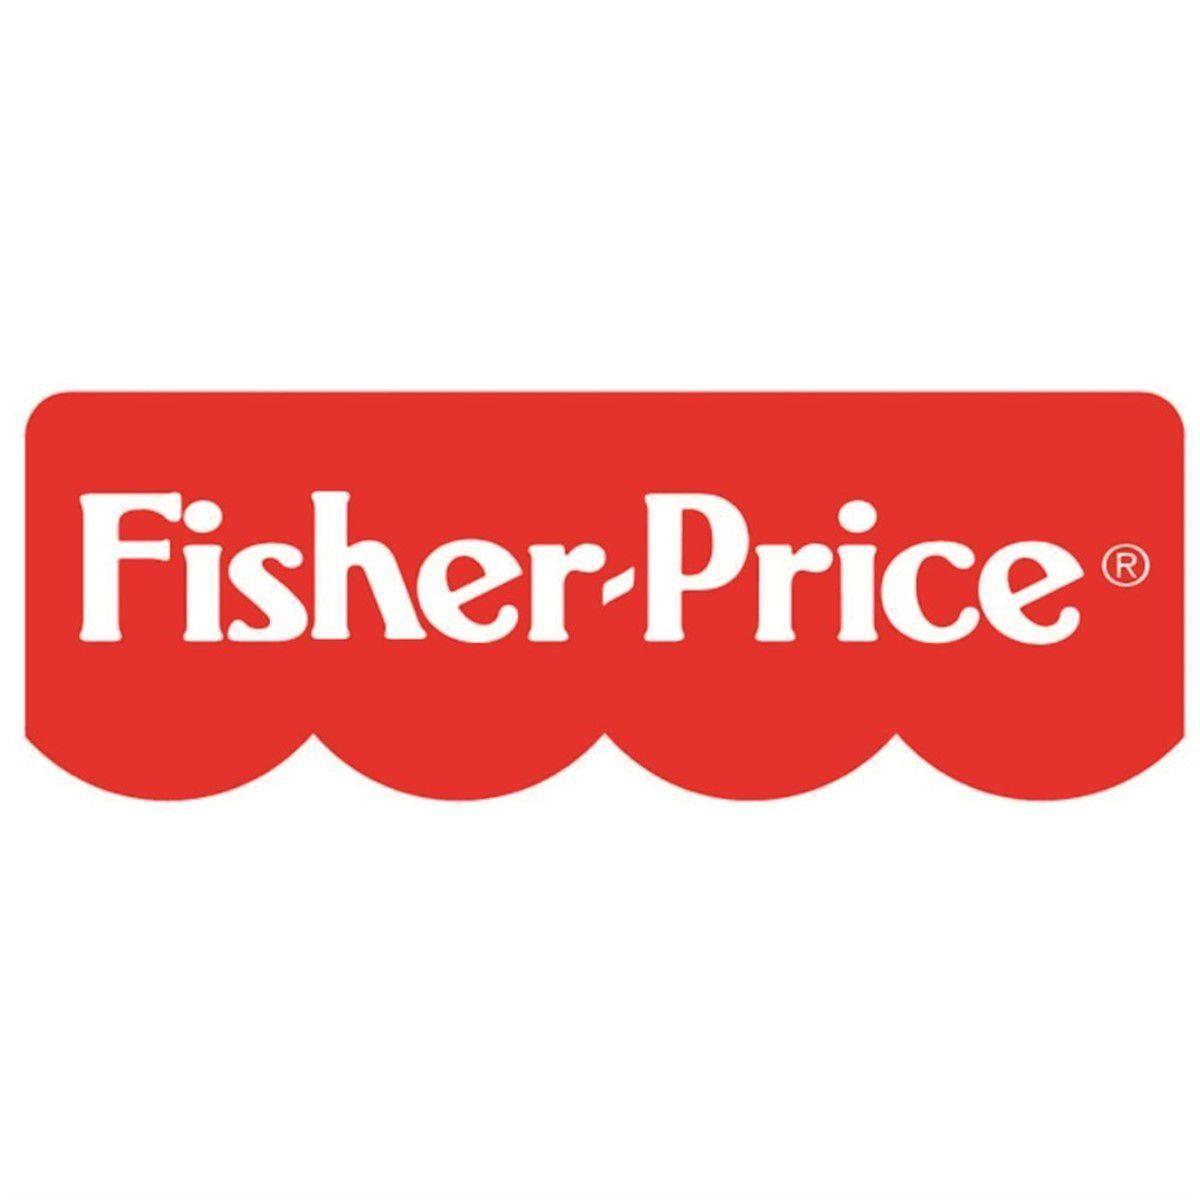 Banquinho de atividades Fisher Price